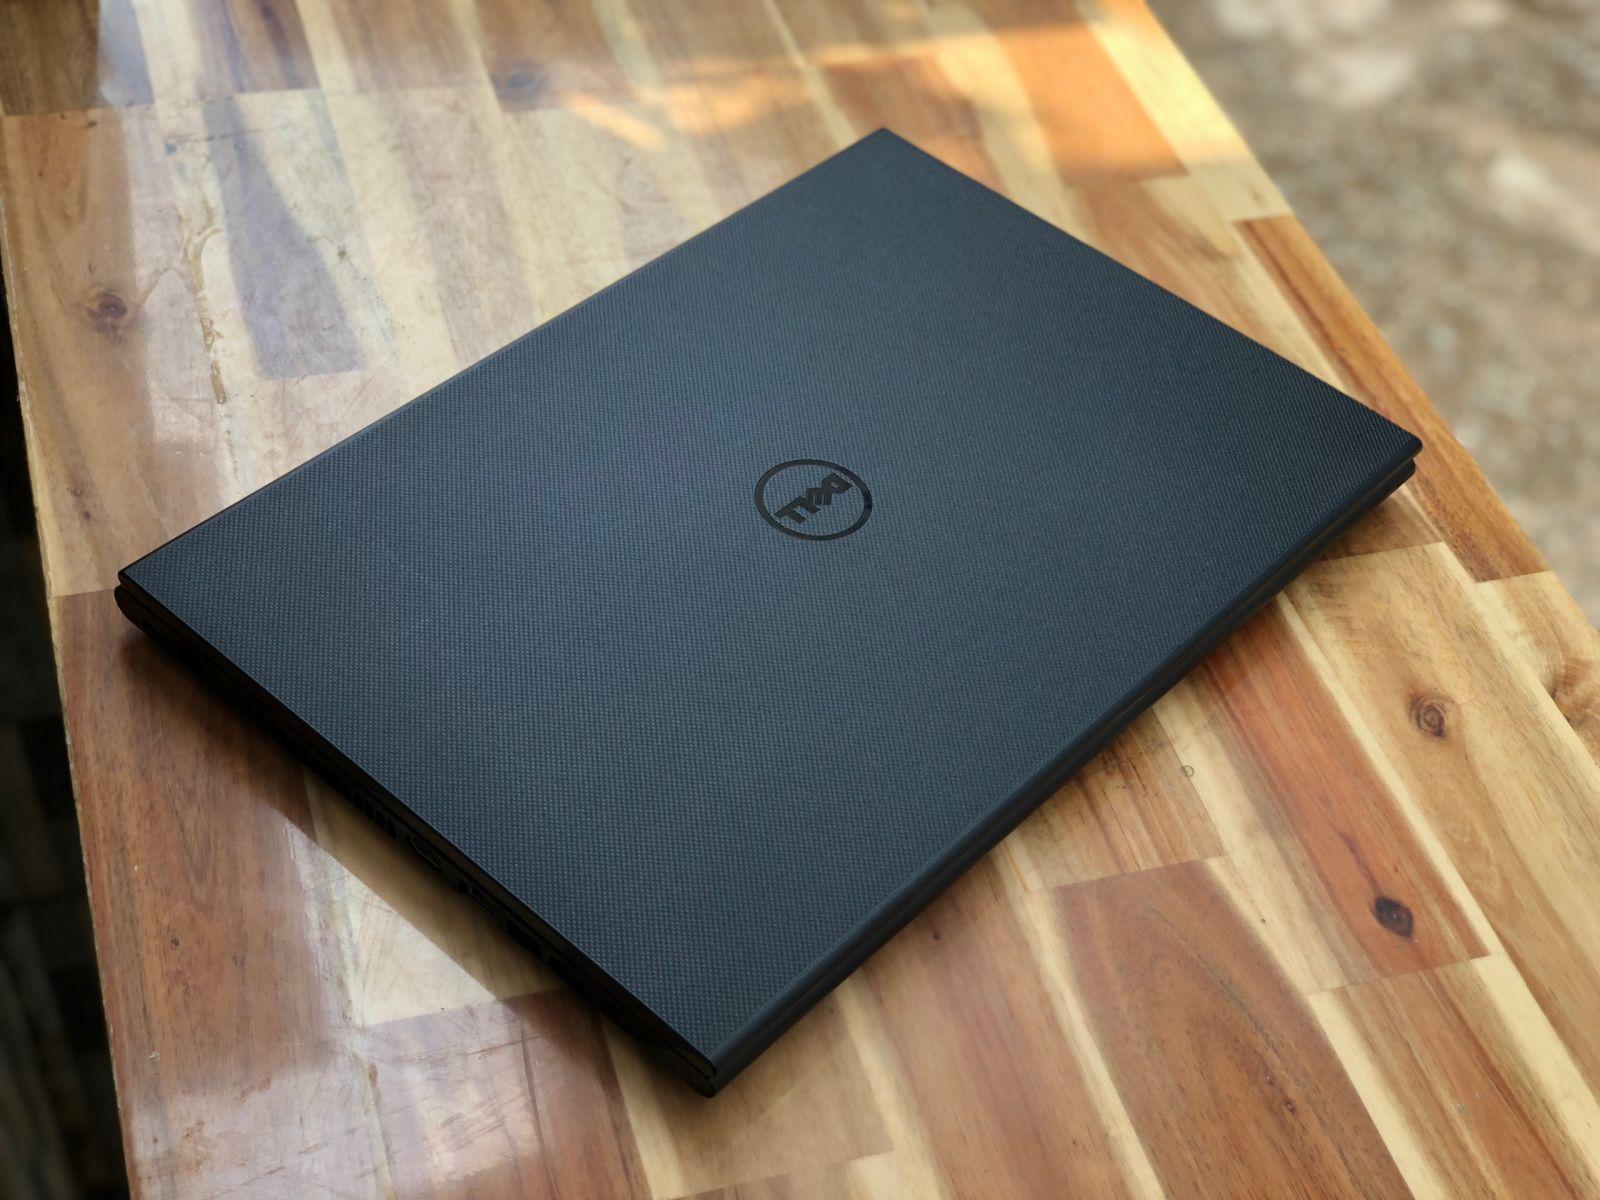 Dell Inspiron 3542 (Core i7 4510U RAM 4GB HDD 500GB VGA GT820 15.6 inch HD)